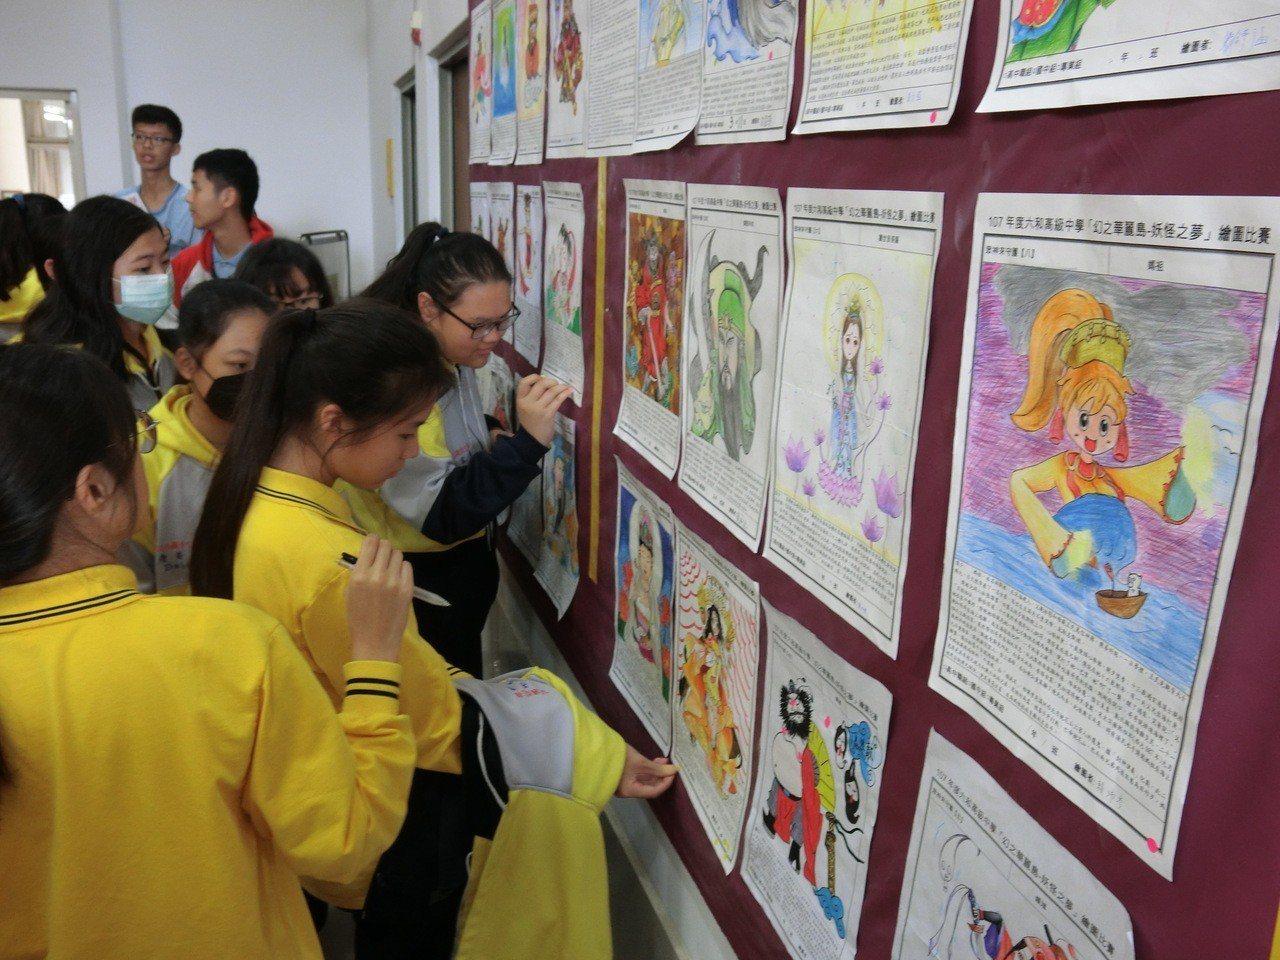 六和高中同學將貼紙貼在喜歡神明畫上。 圖╱六和高中提供